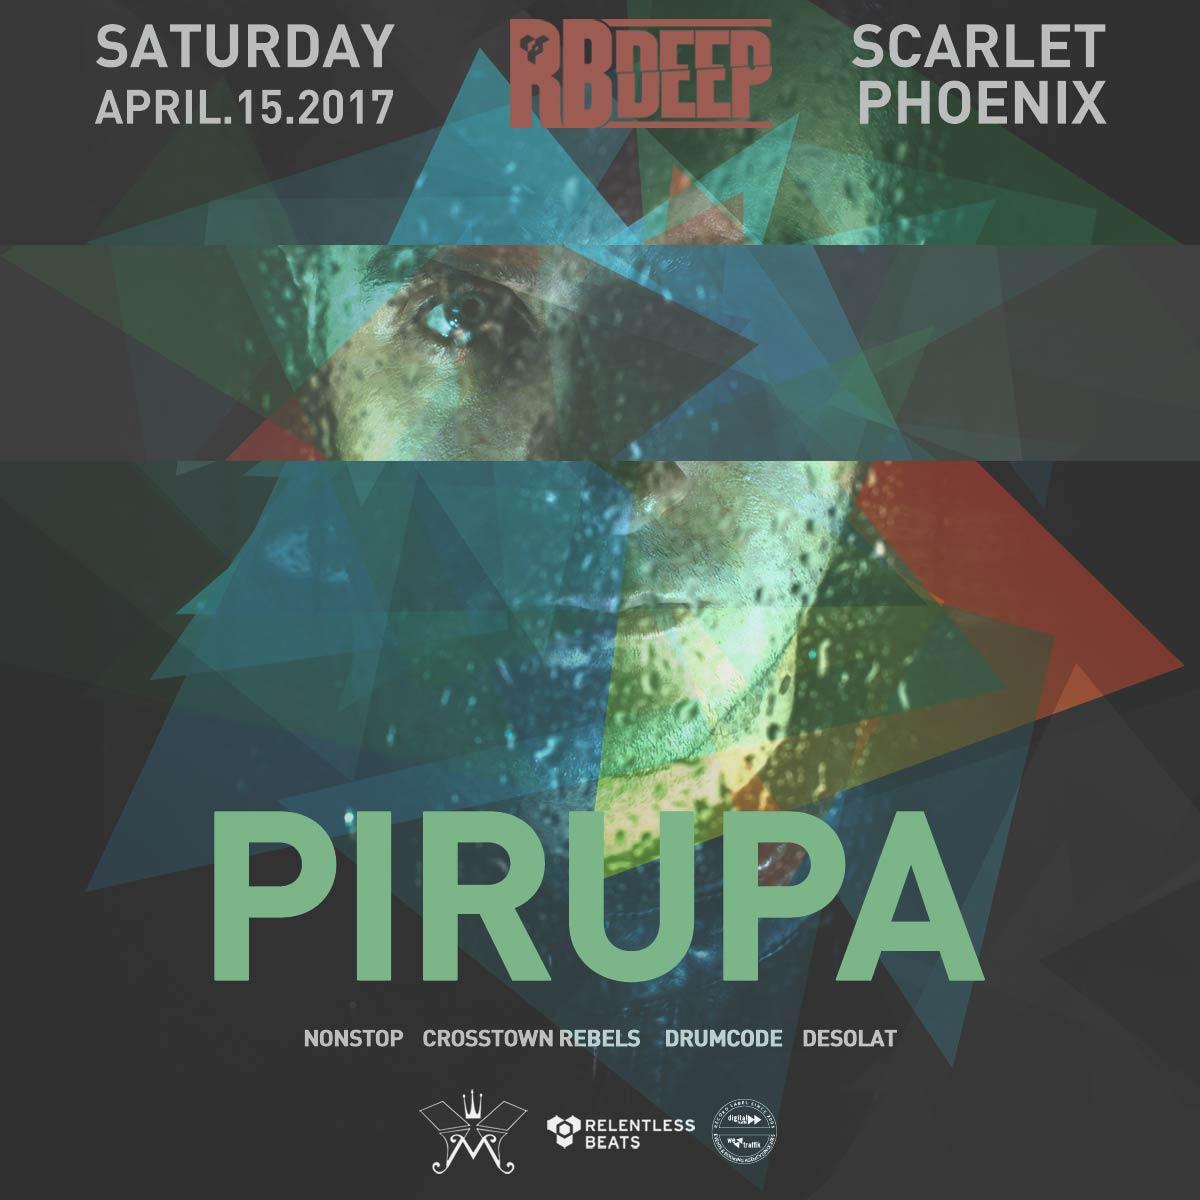 Flyer for Pirupa